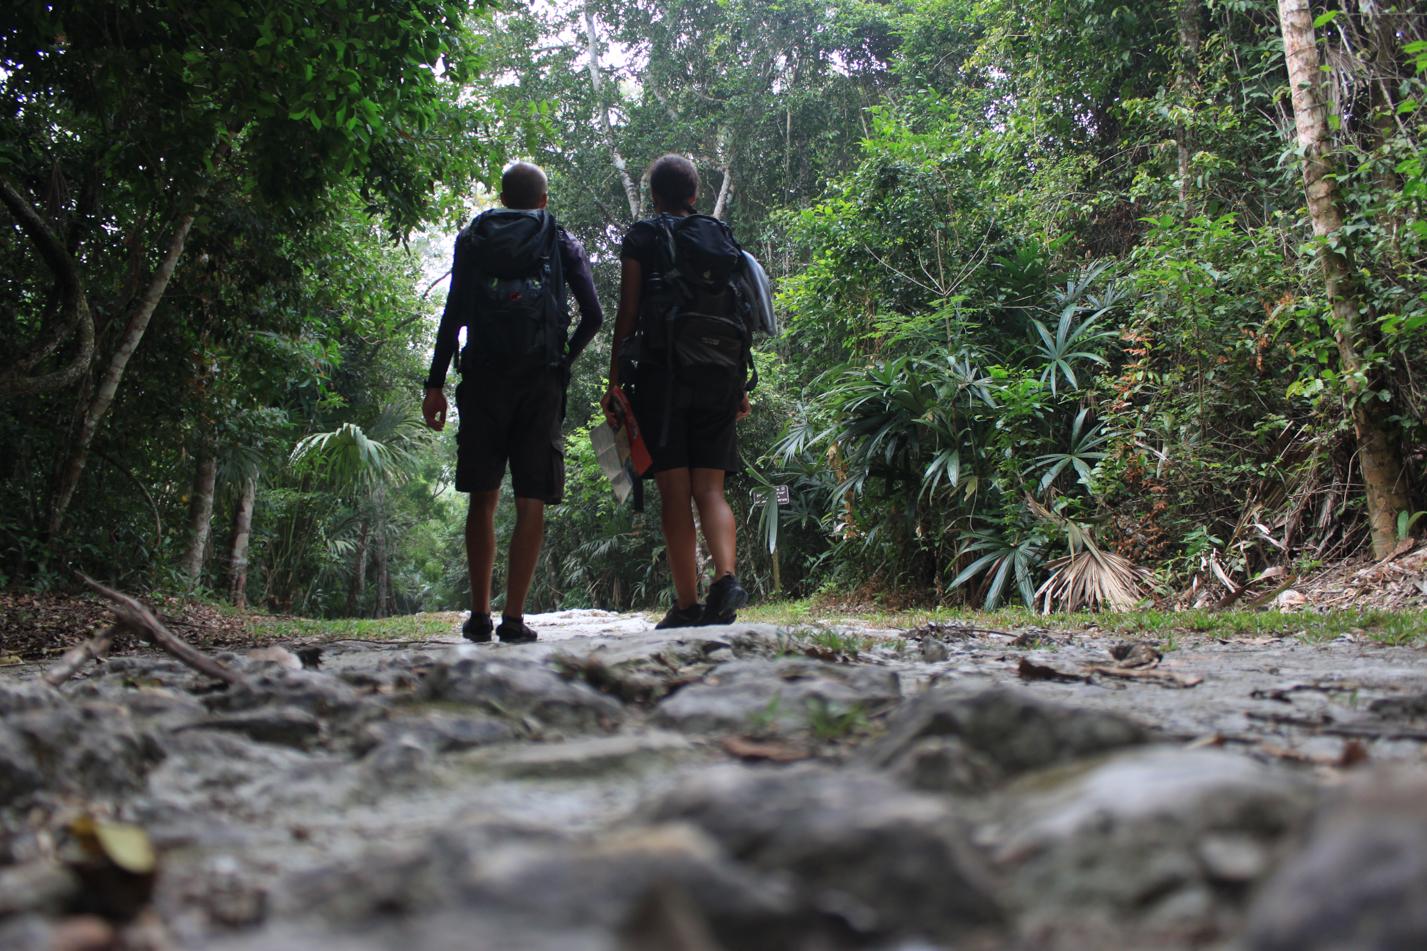 Auf kleinen Pfanden suchen wir die im Dschungel versträuten Ruinenanlagen.